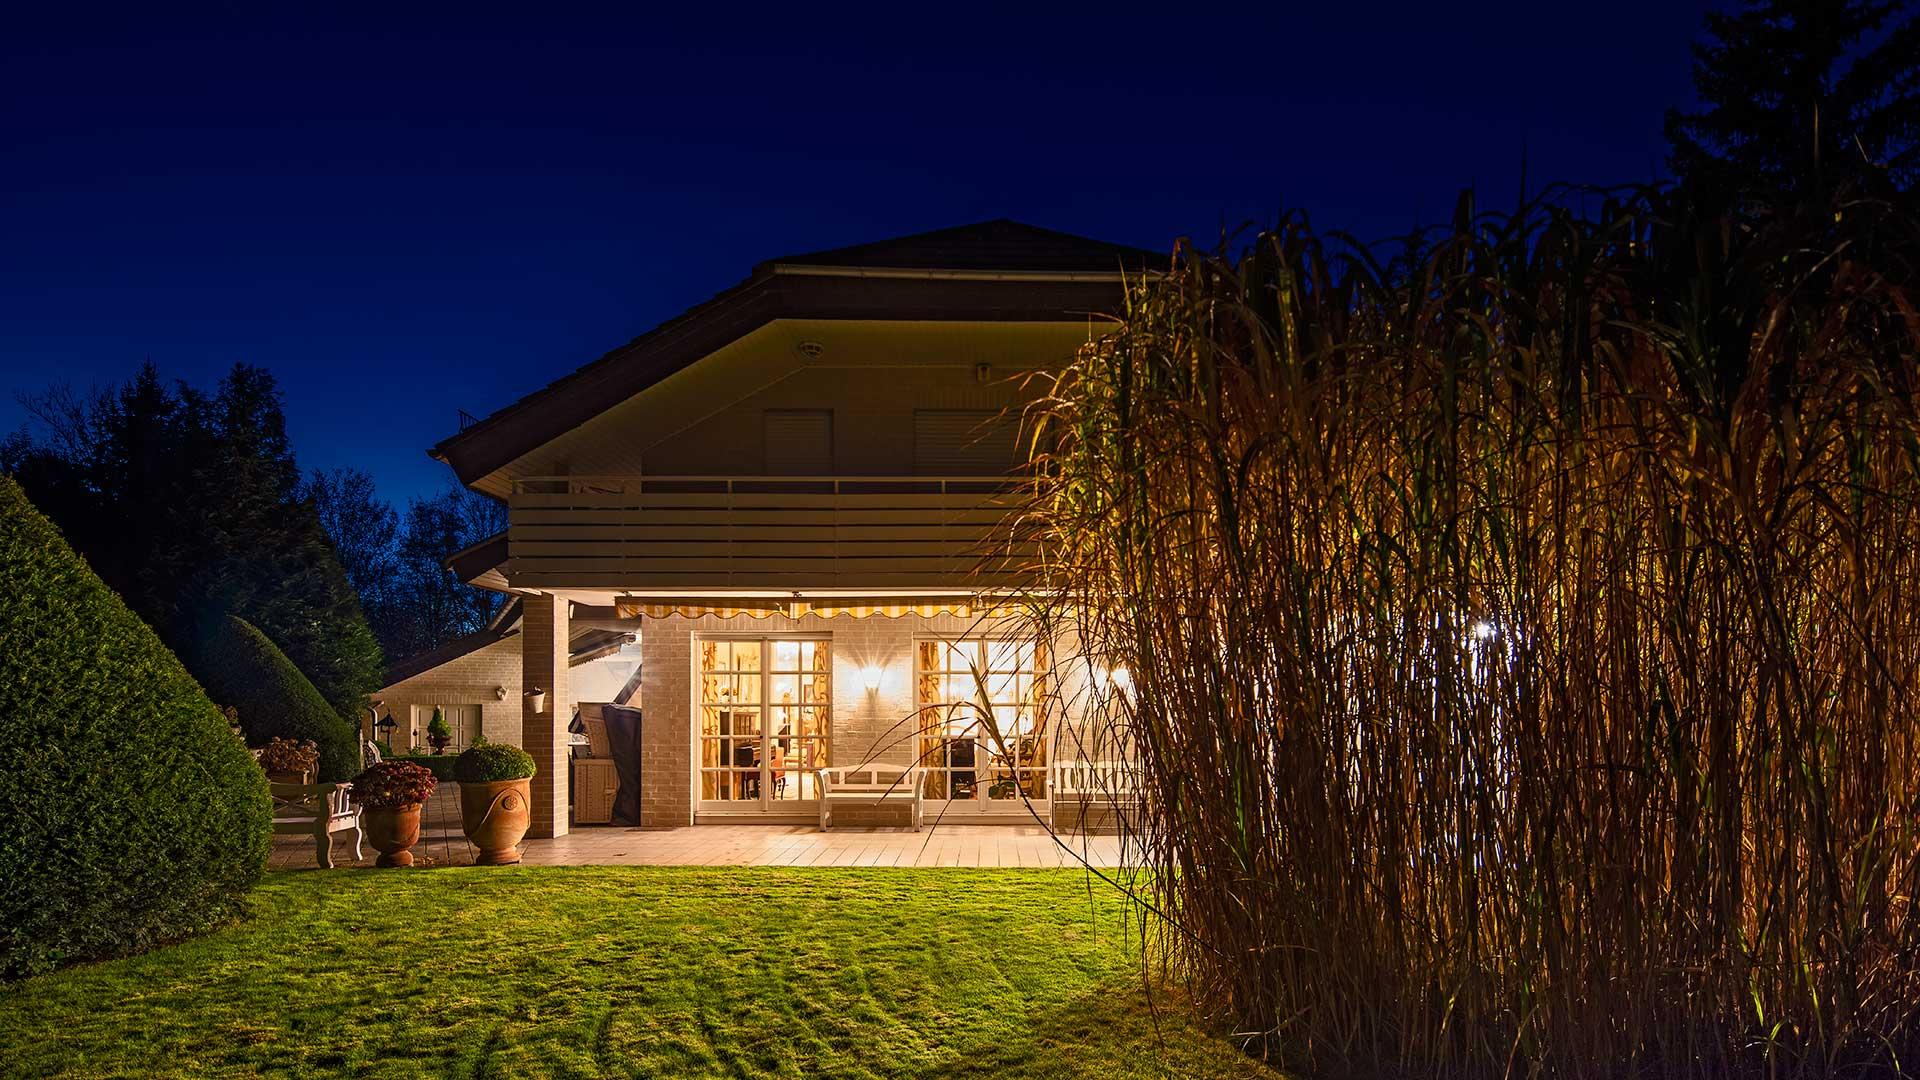 Architekturfotografie: Immobilie Nachtaufnahme | Foto: Dieter Eikenberg, imprints